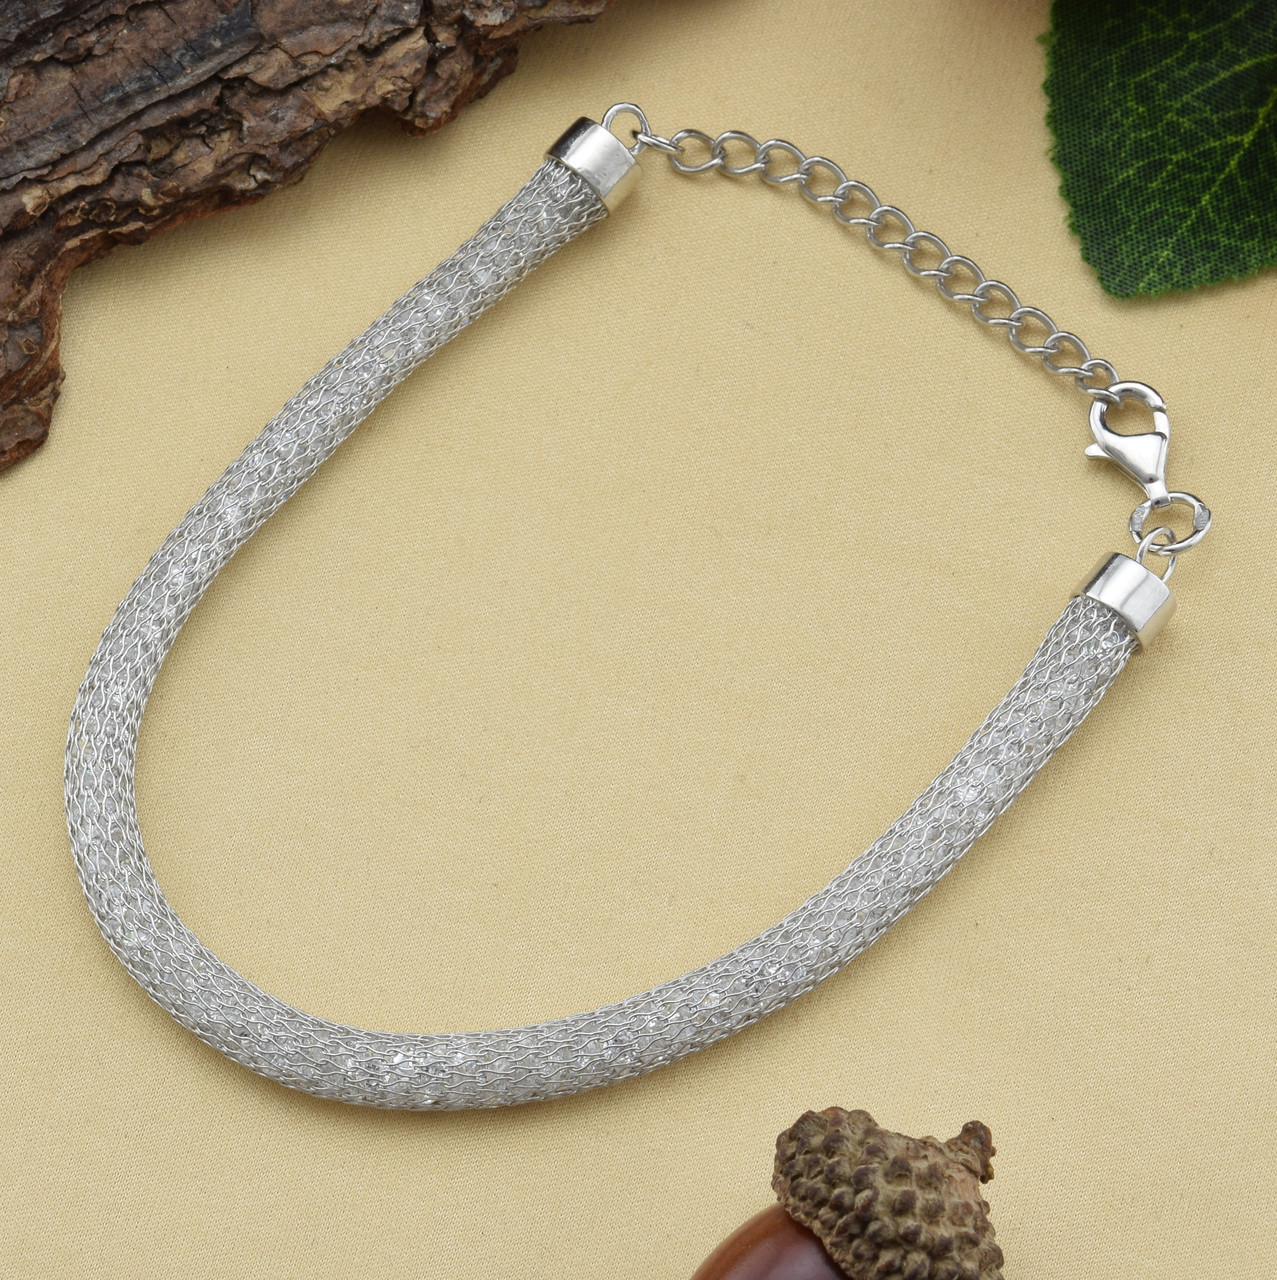 Серебряный браслет родированный регулируемый длина 18-23 см ширина 6 мм вес 16 г